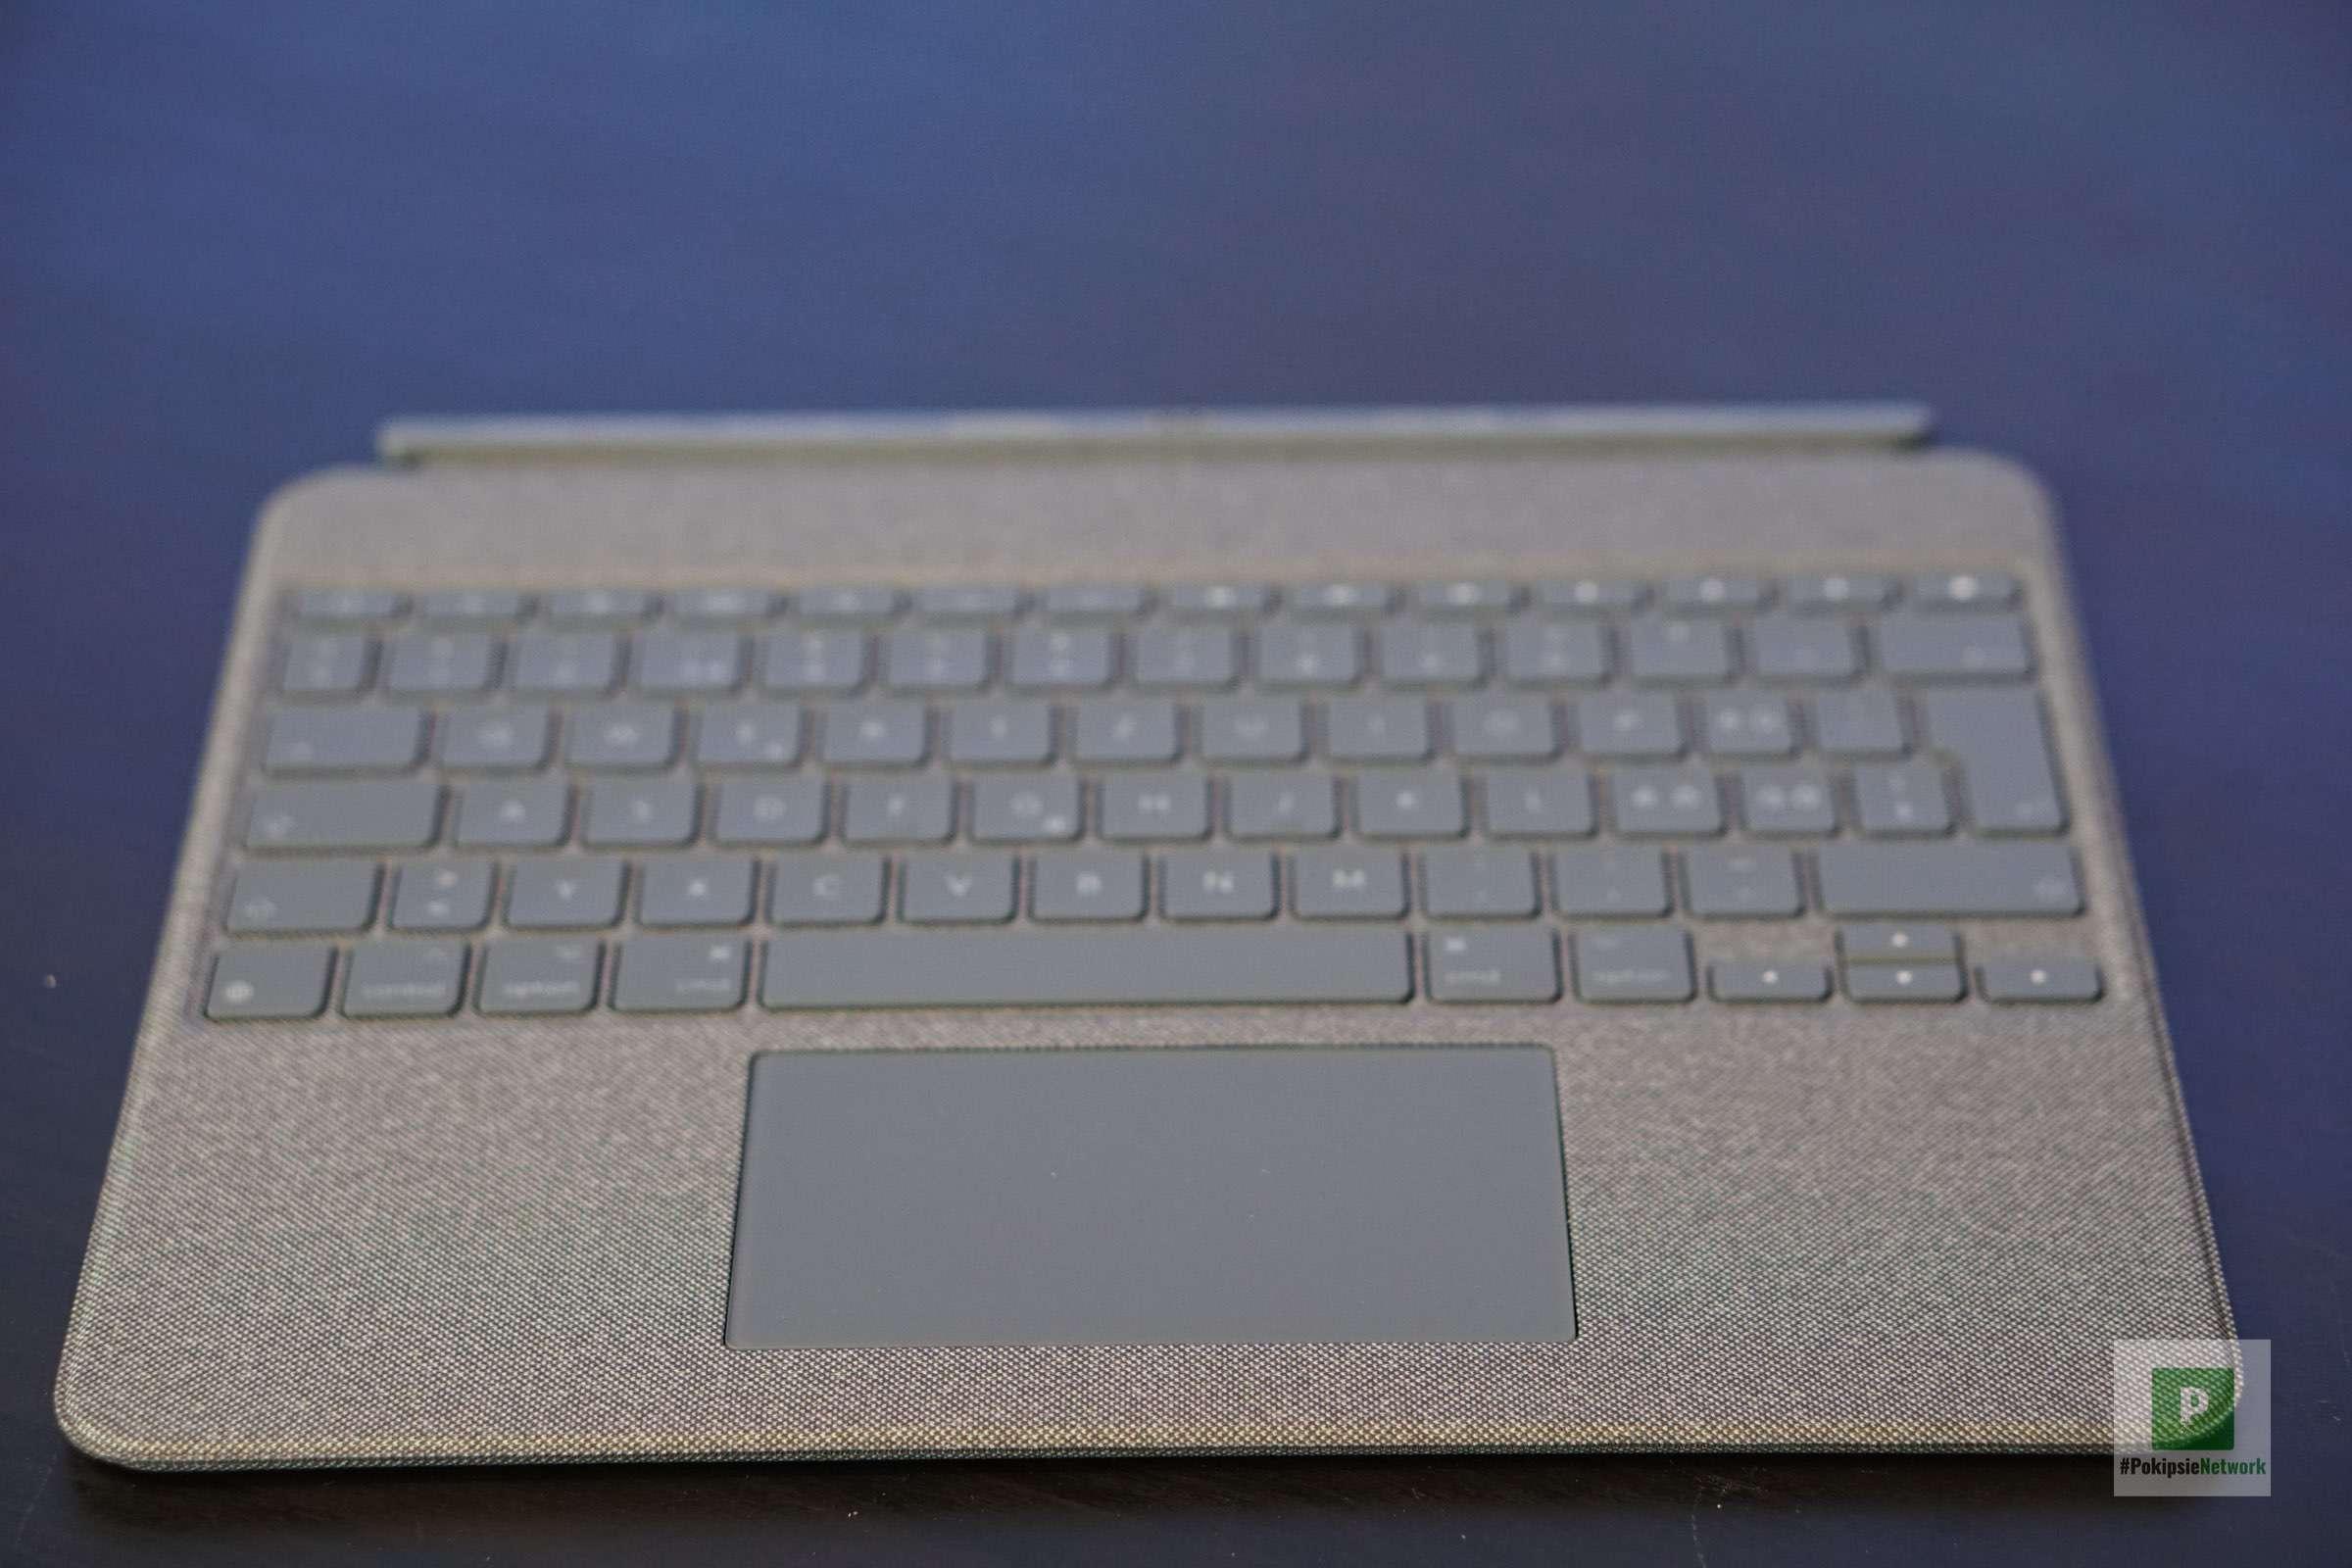 Eine abnehmbare Tastatur